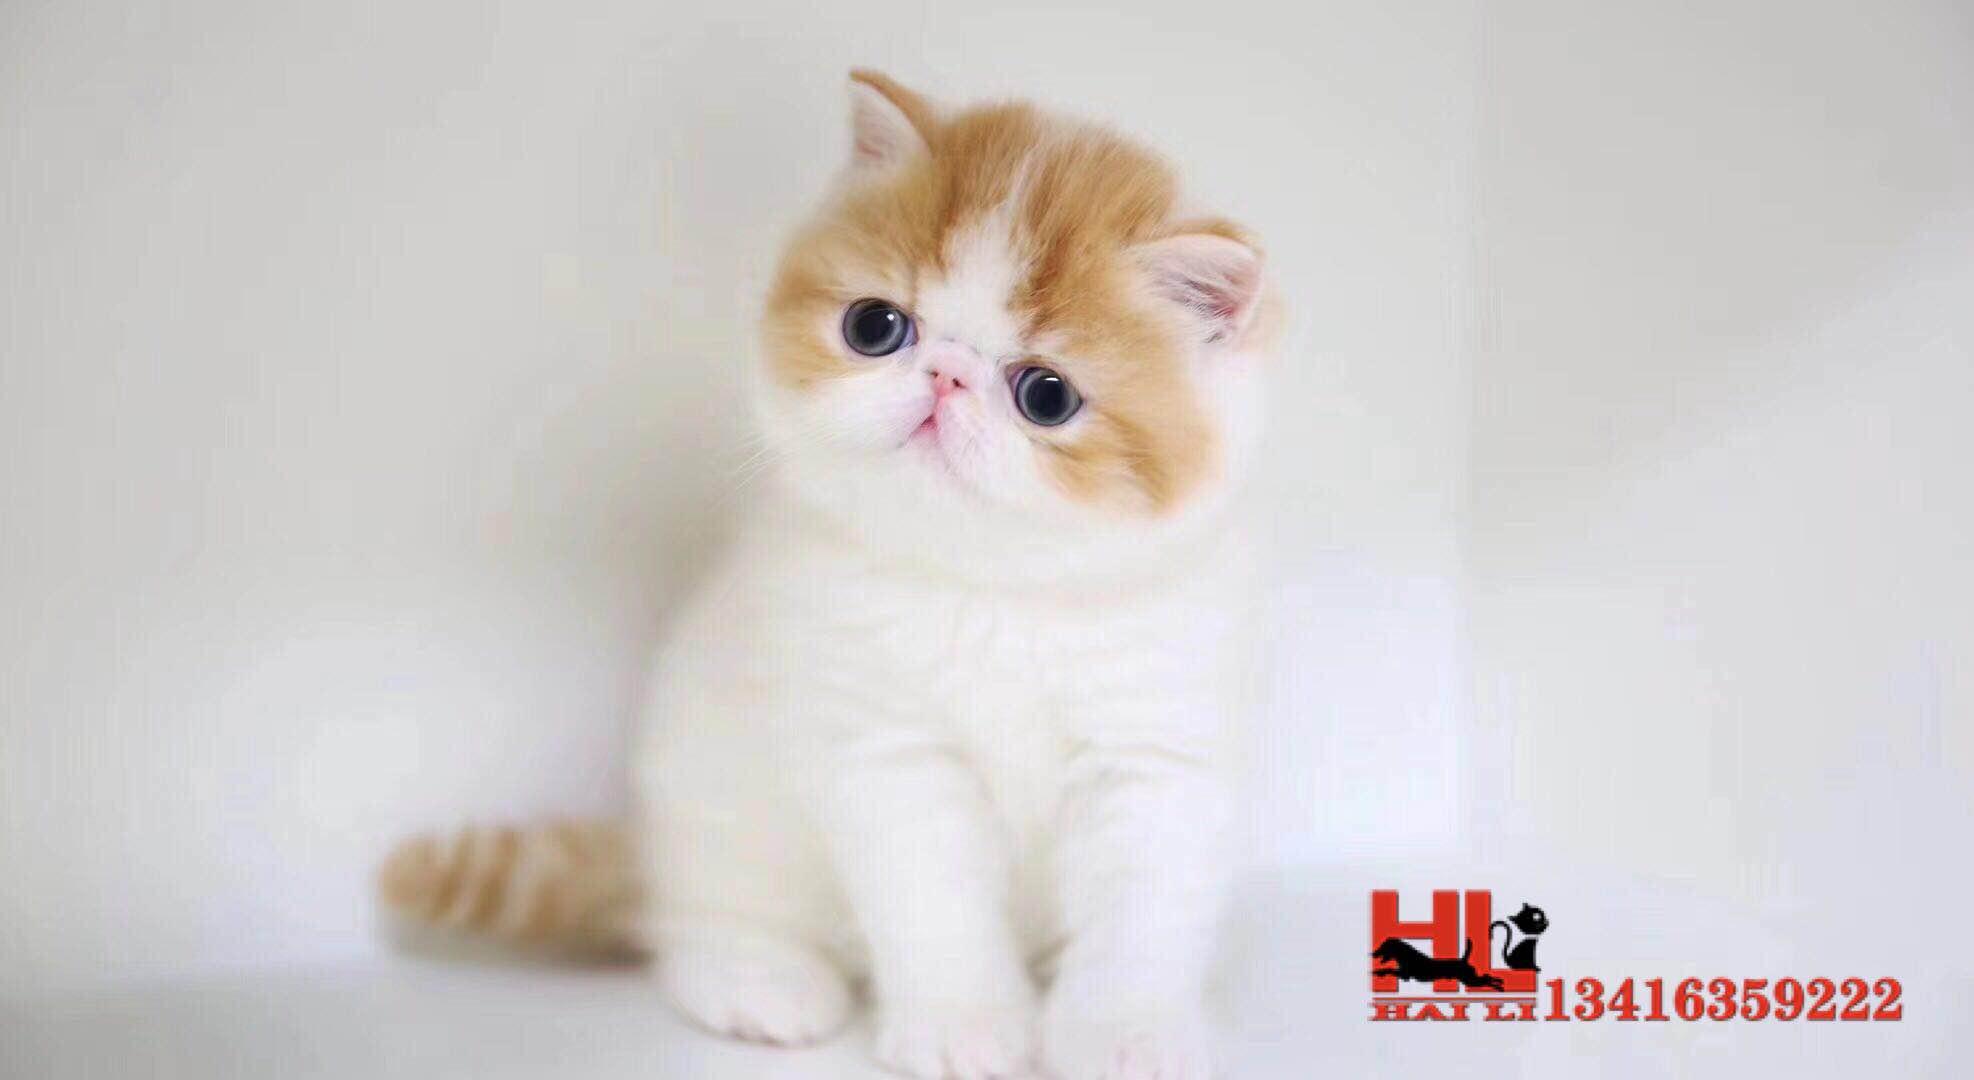 深圳高品质加菲宝宝找家长 健康漂亮 欢迎咨询